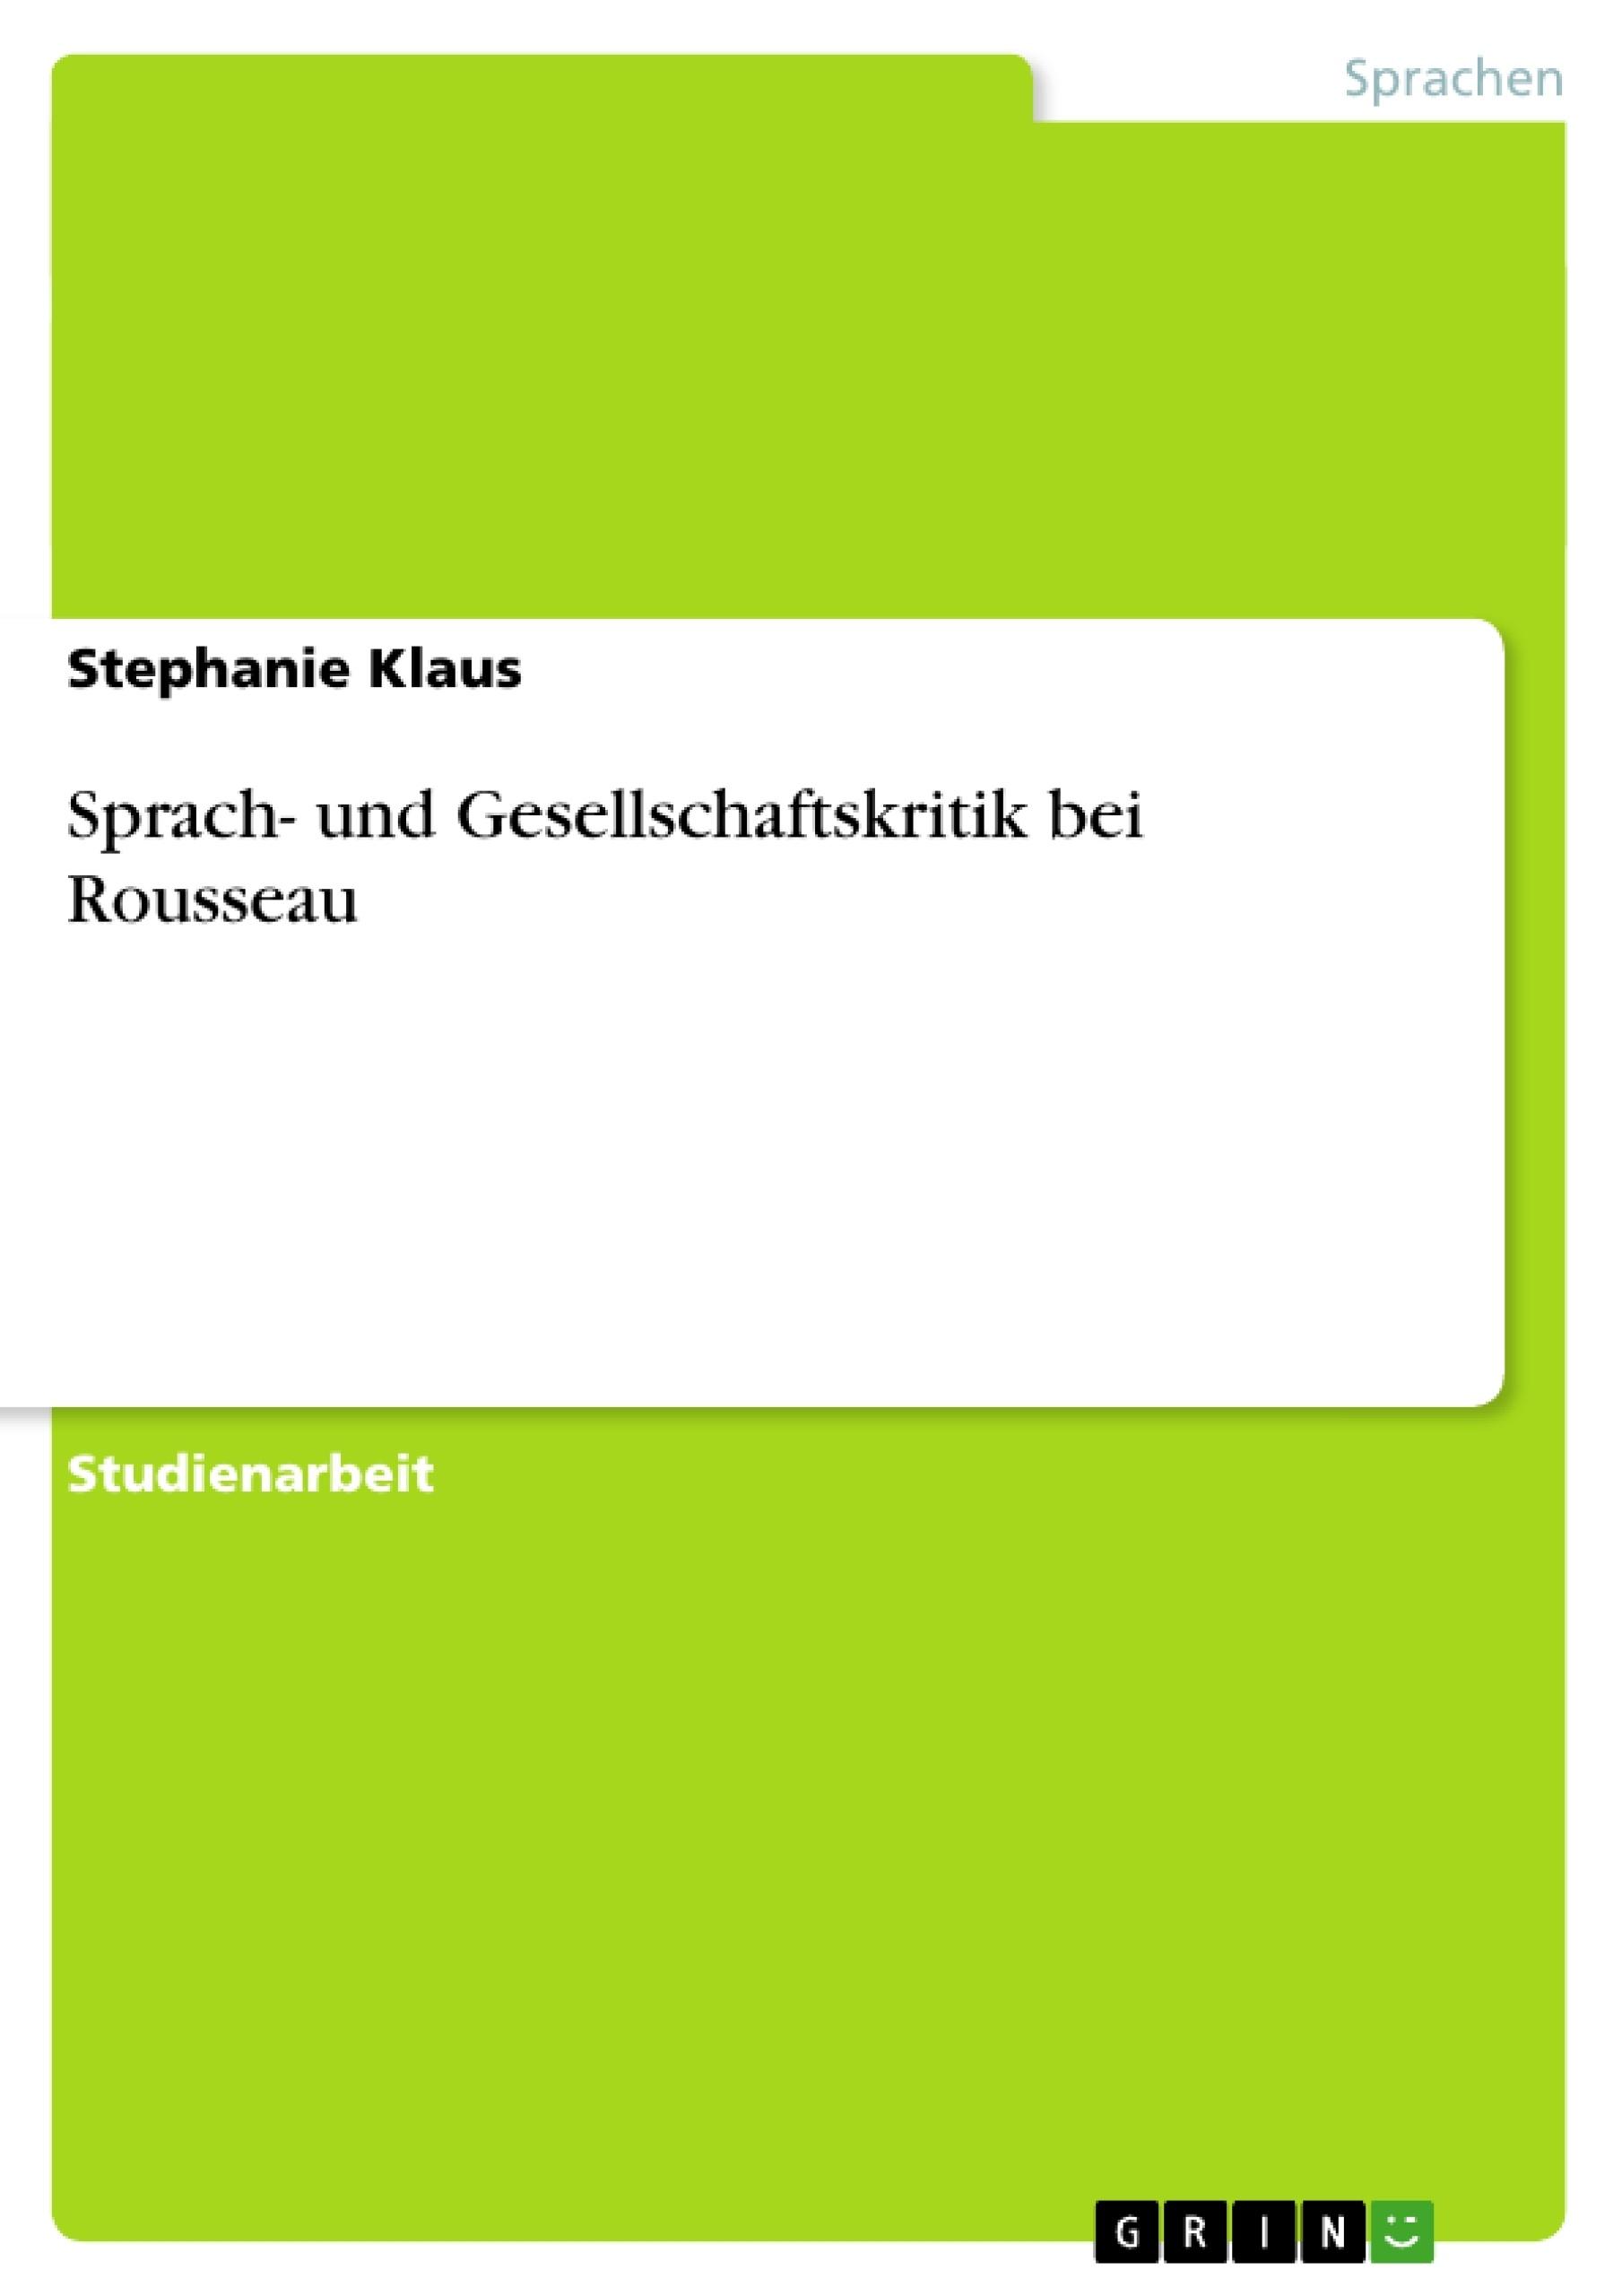 Titel: Sprach- und Gesellschaftskritik bei Rousseau